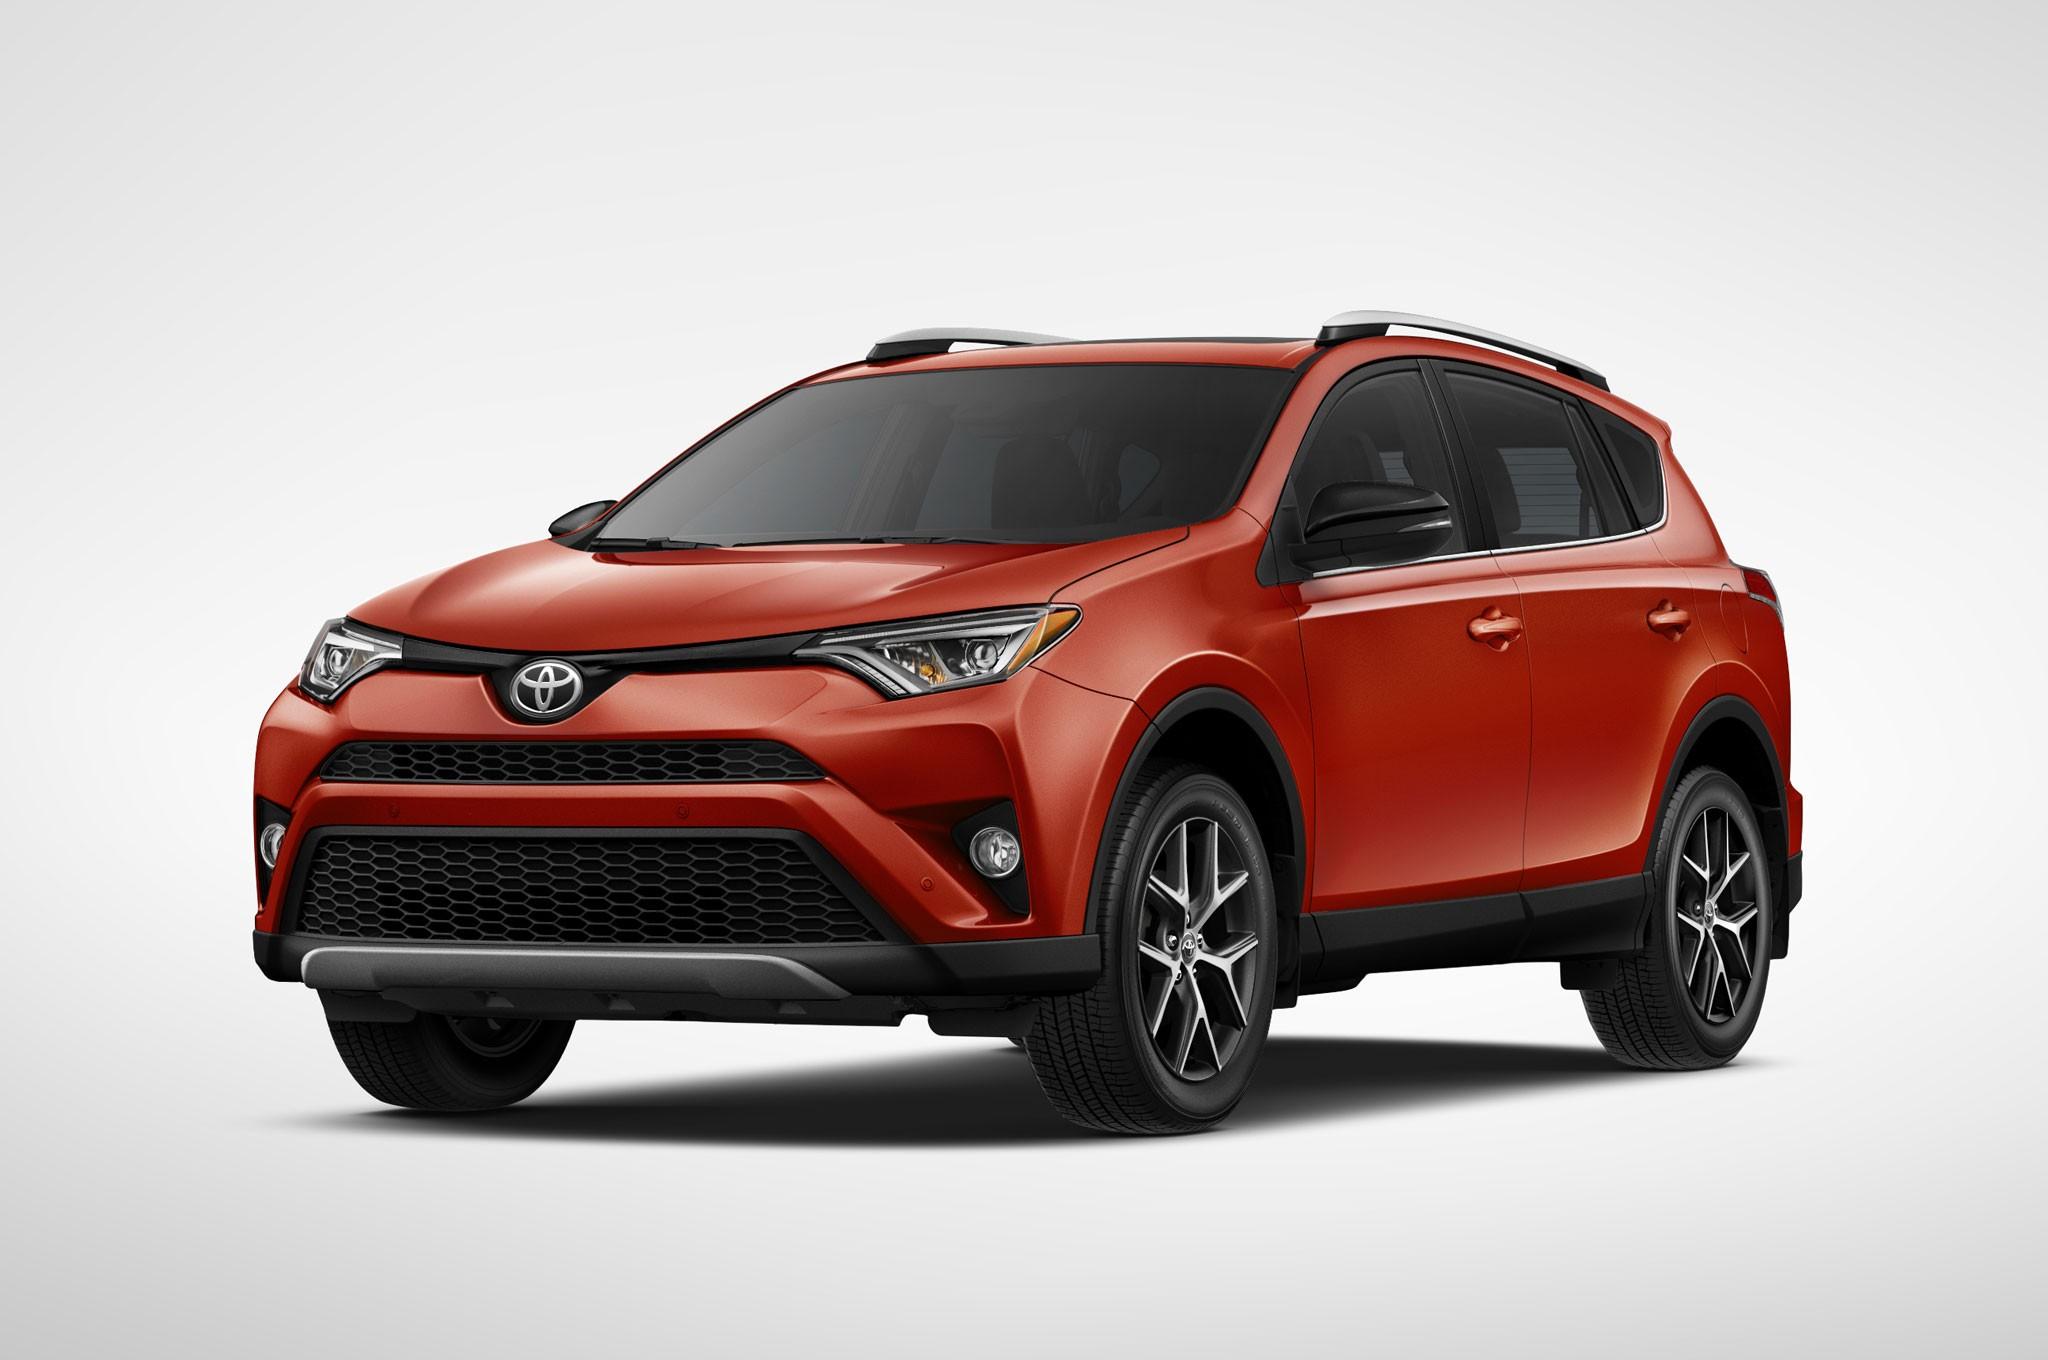 Кроссовер Toyota RAV4 остался бестселлером бренда вРФ